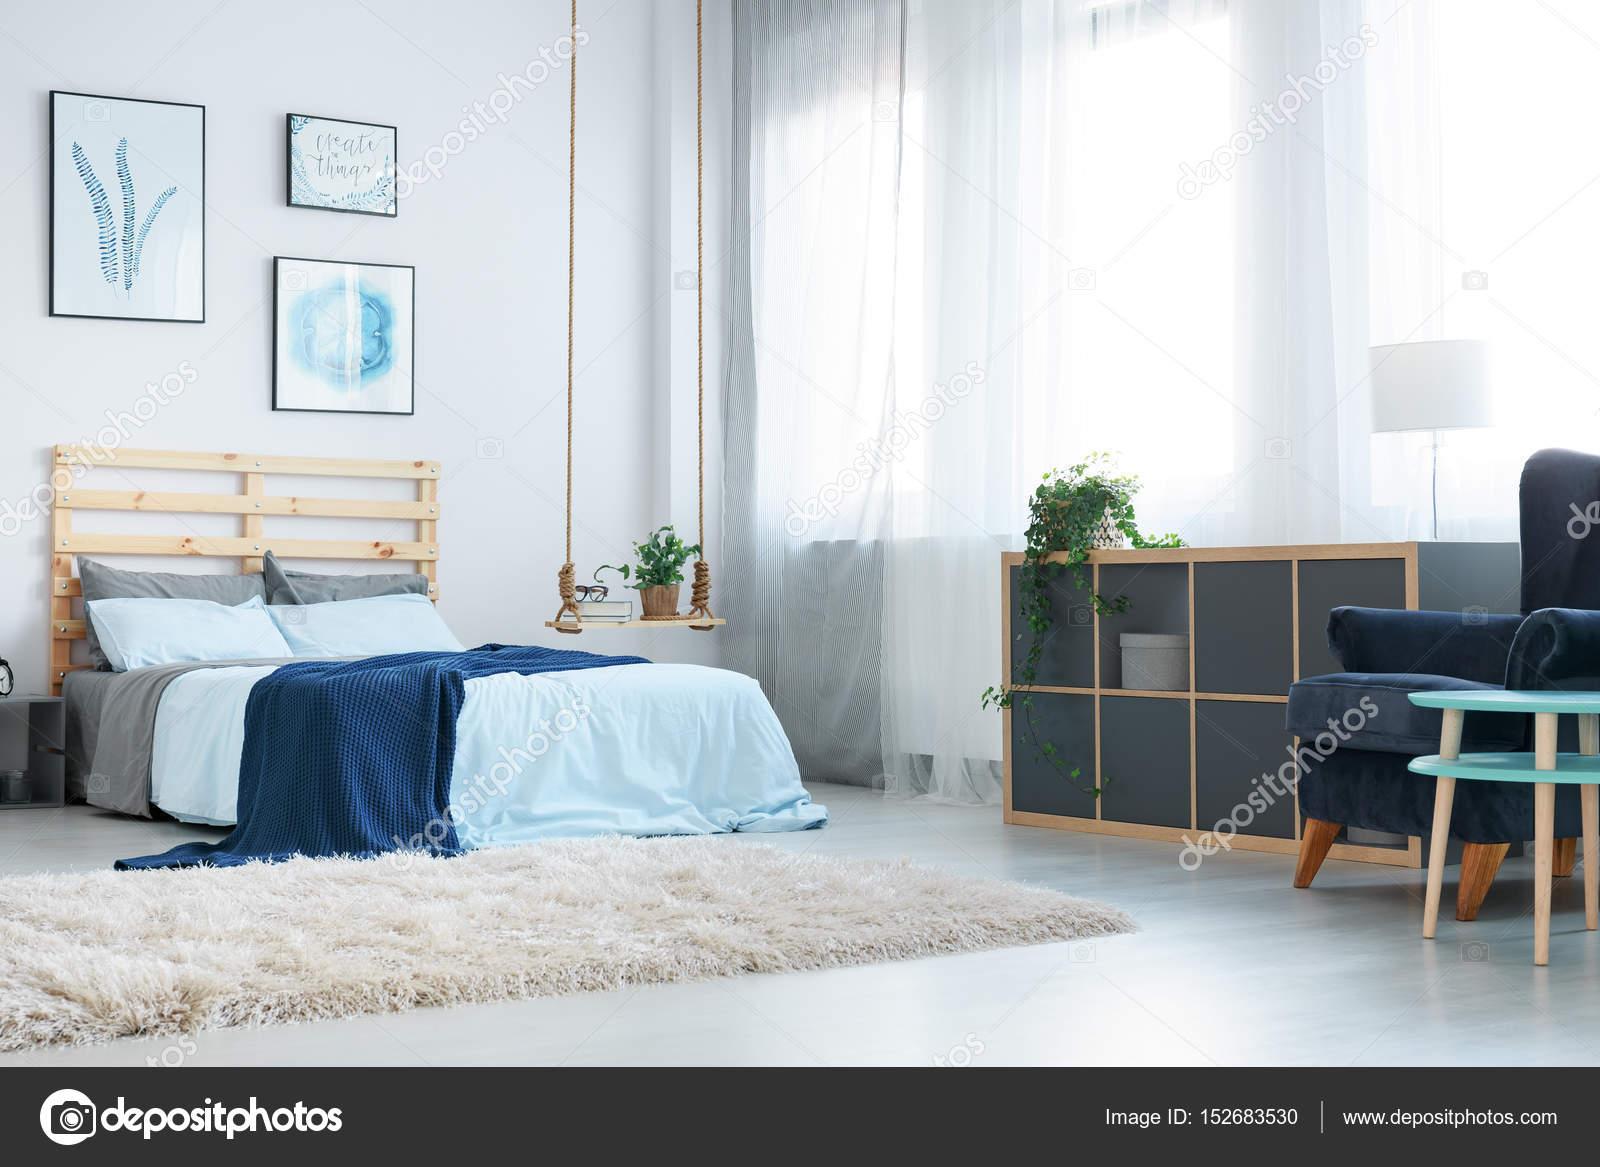 AuBergewohnlich Schlafzimmer Mit Dekorativen Wand Poster U2014 Stockfoto